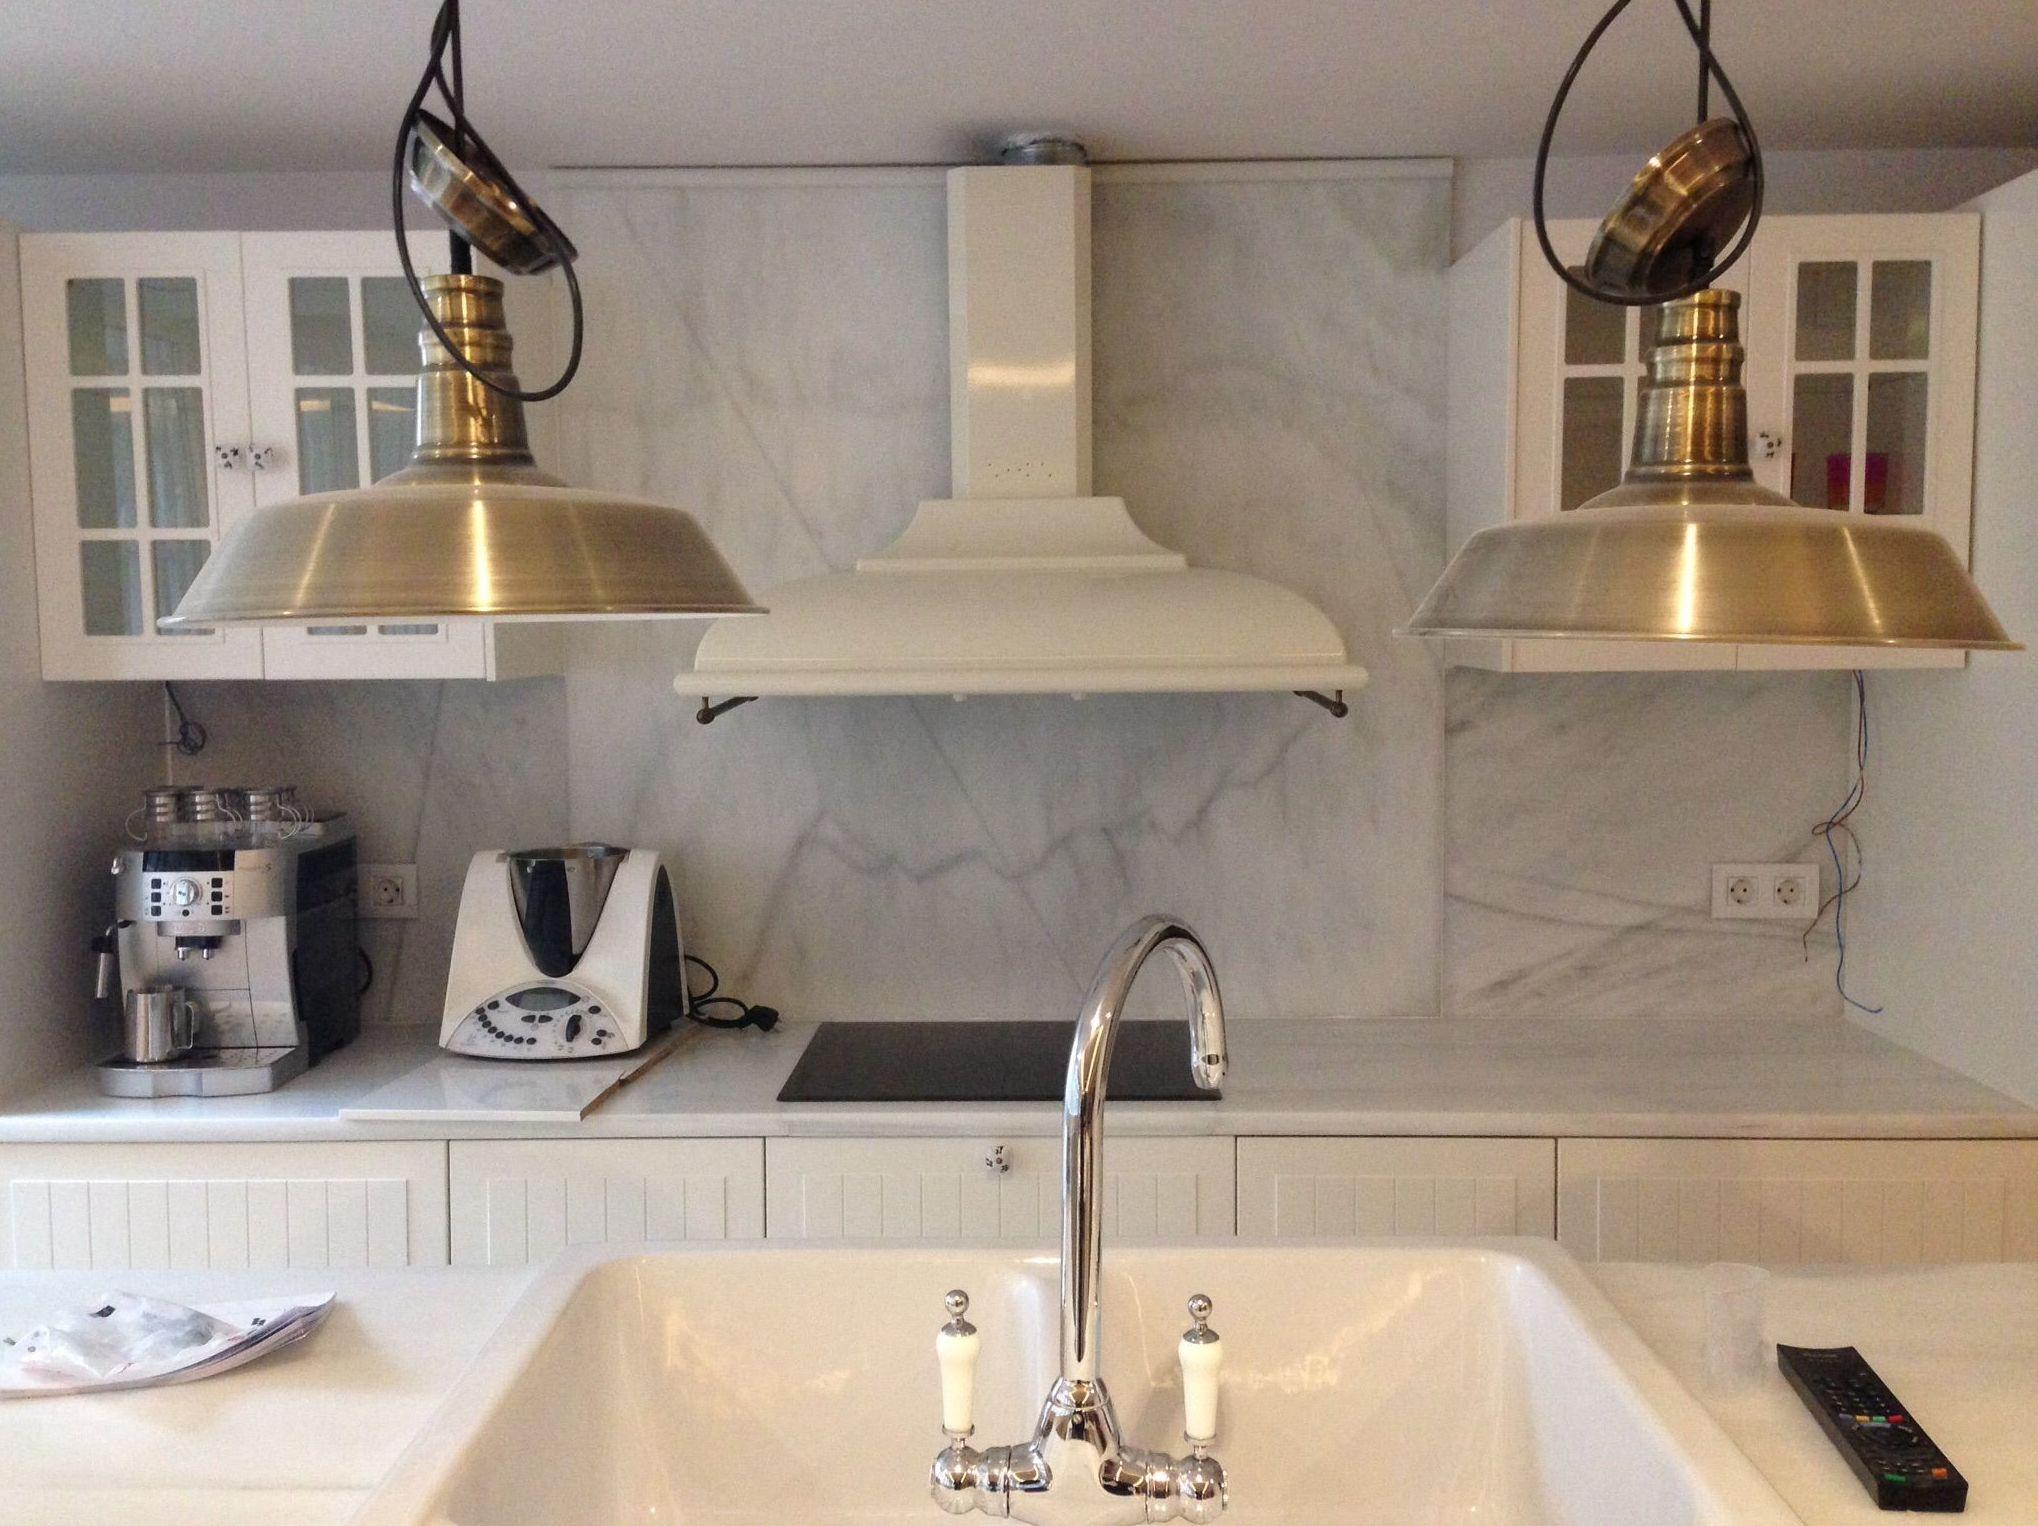 Encimeras de m rmol en el centro de madrid con los profesionales expertos de m rmoles sammarone - Encimeras de marmol para cocinas ...